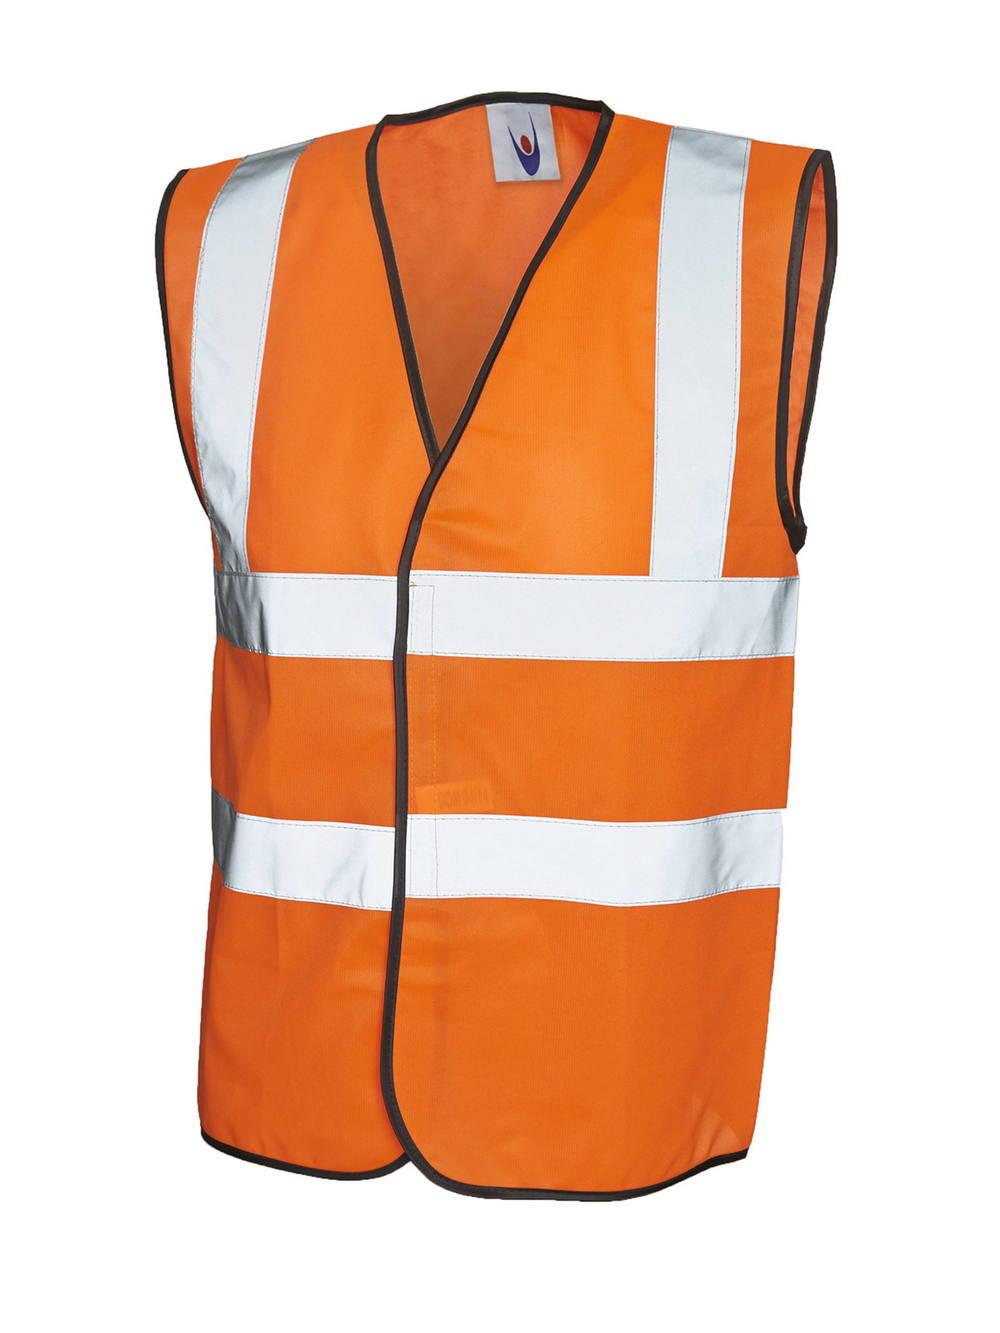 Uneek Sleeveless Safety Waist Coat